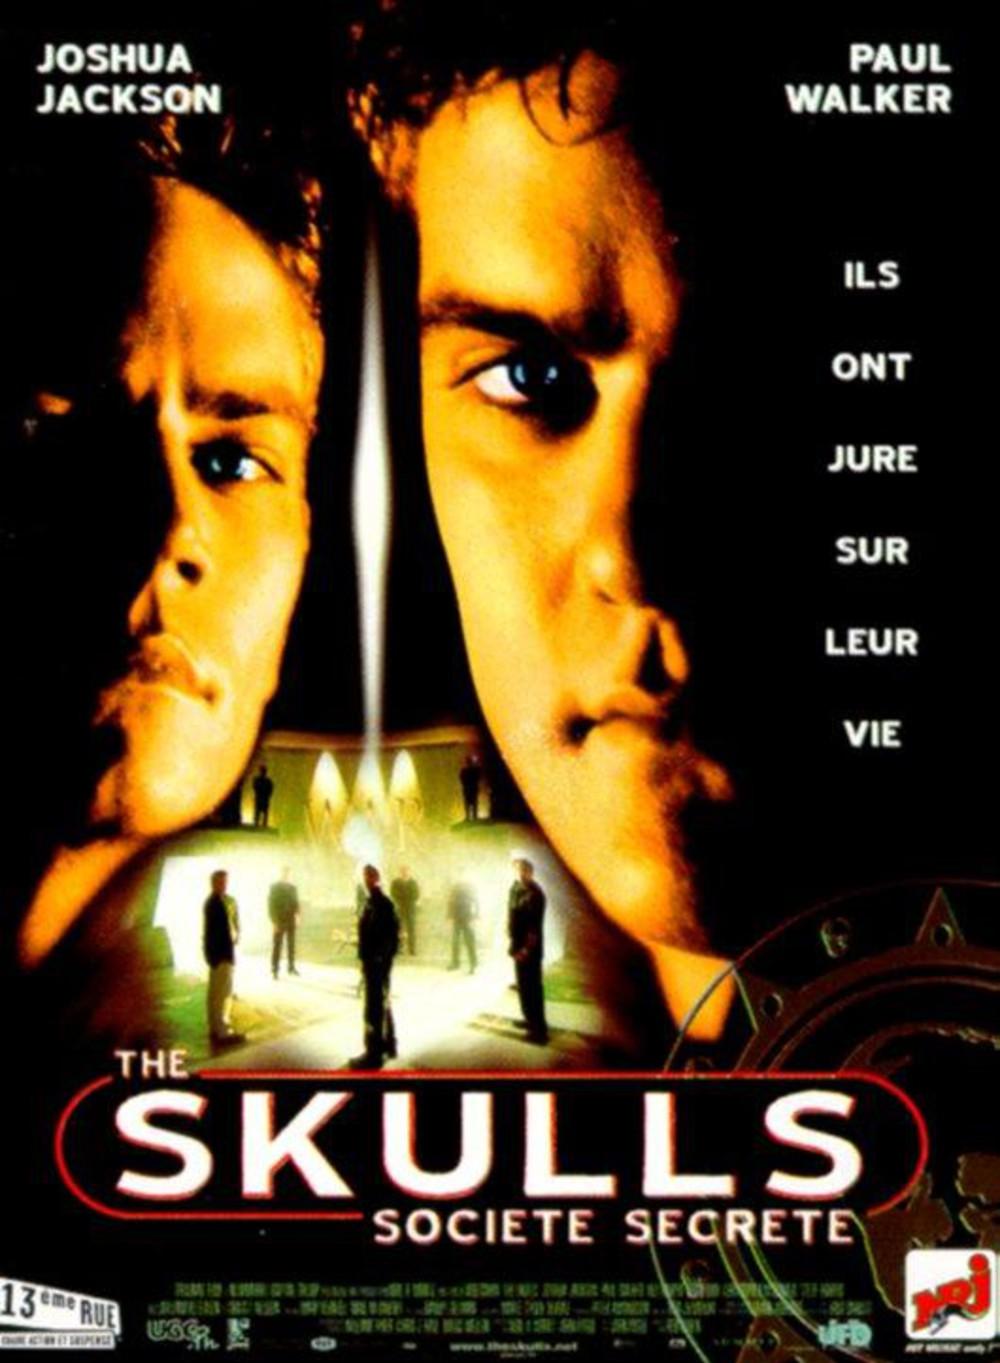 affiche du film The Skulls, société secrète